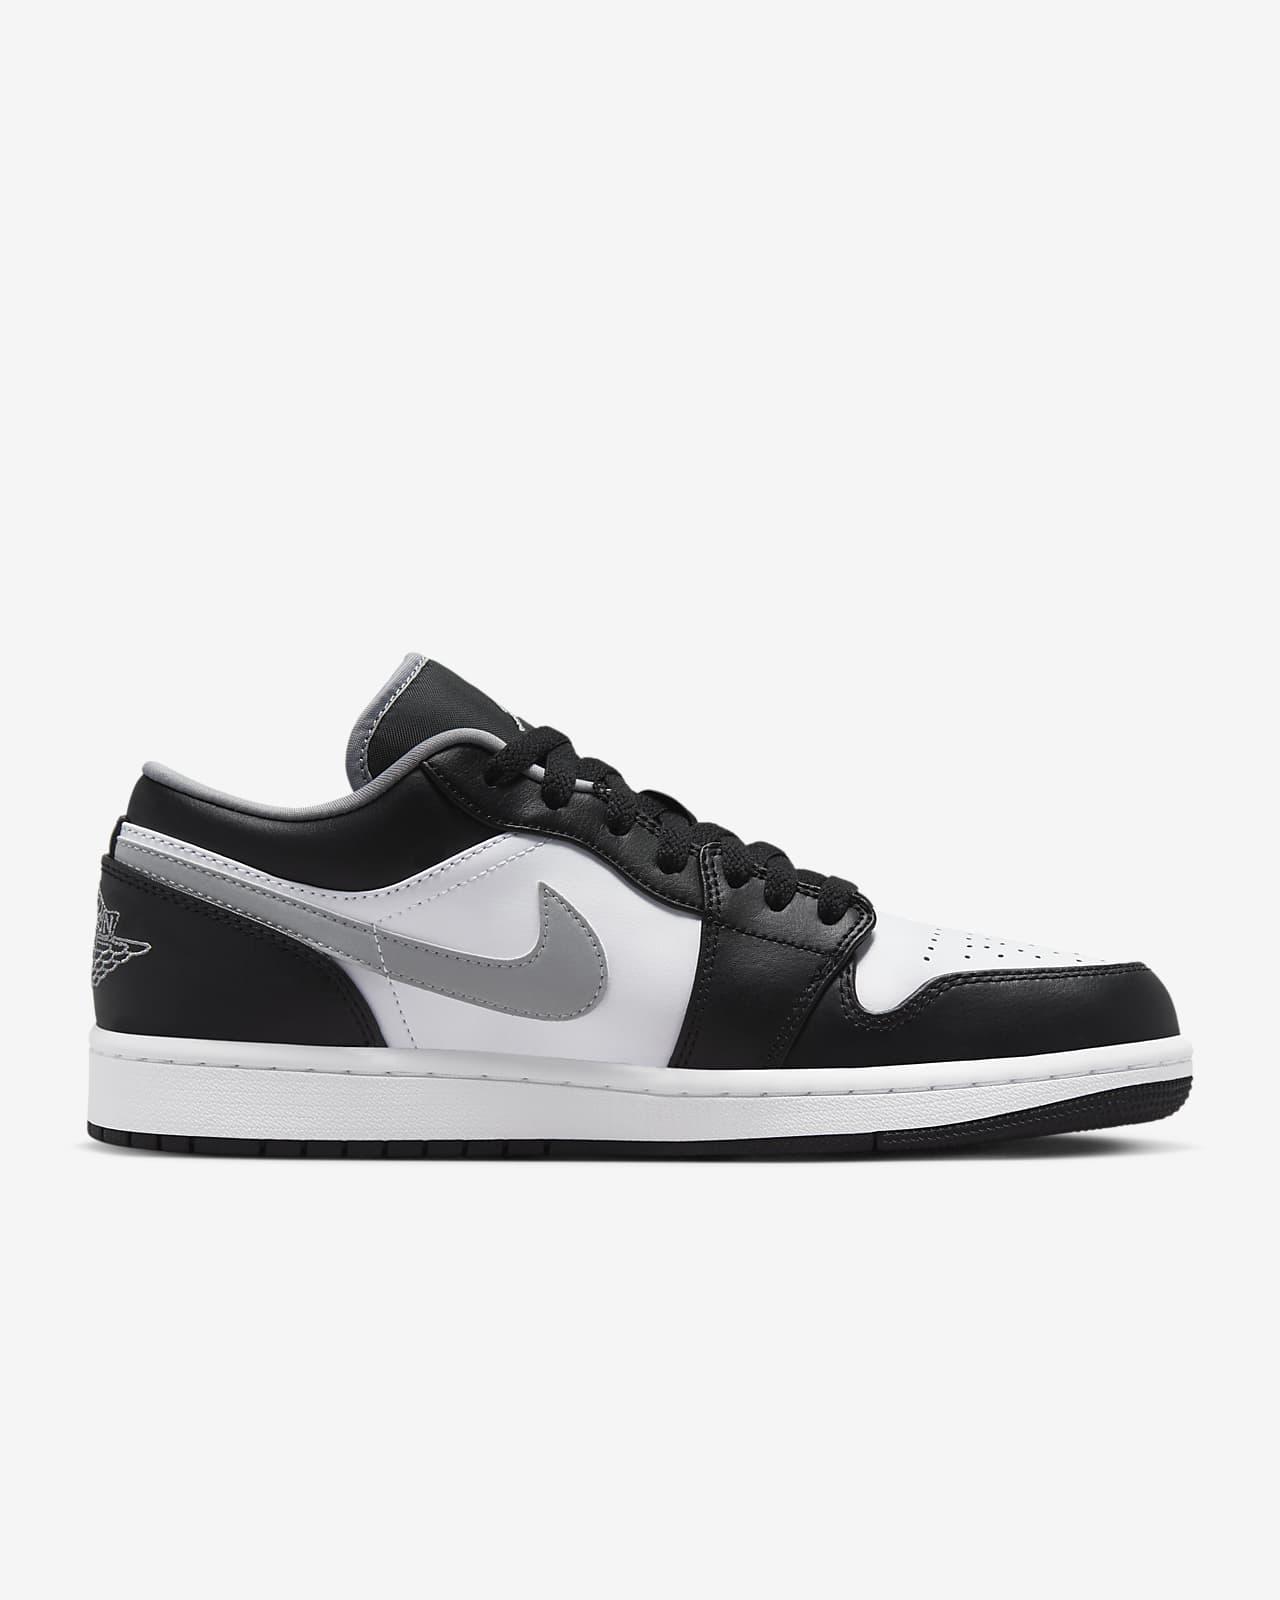 Air Jordan 1 Low Shoes